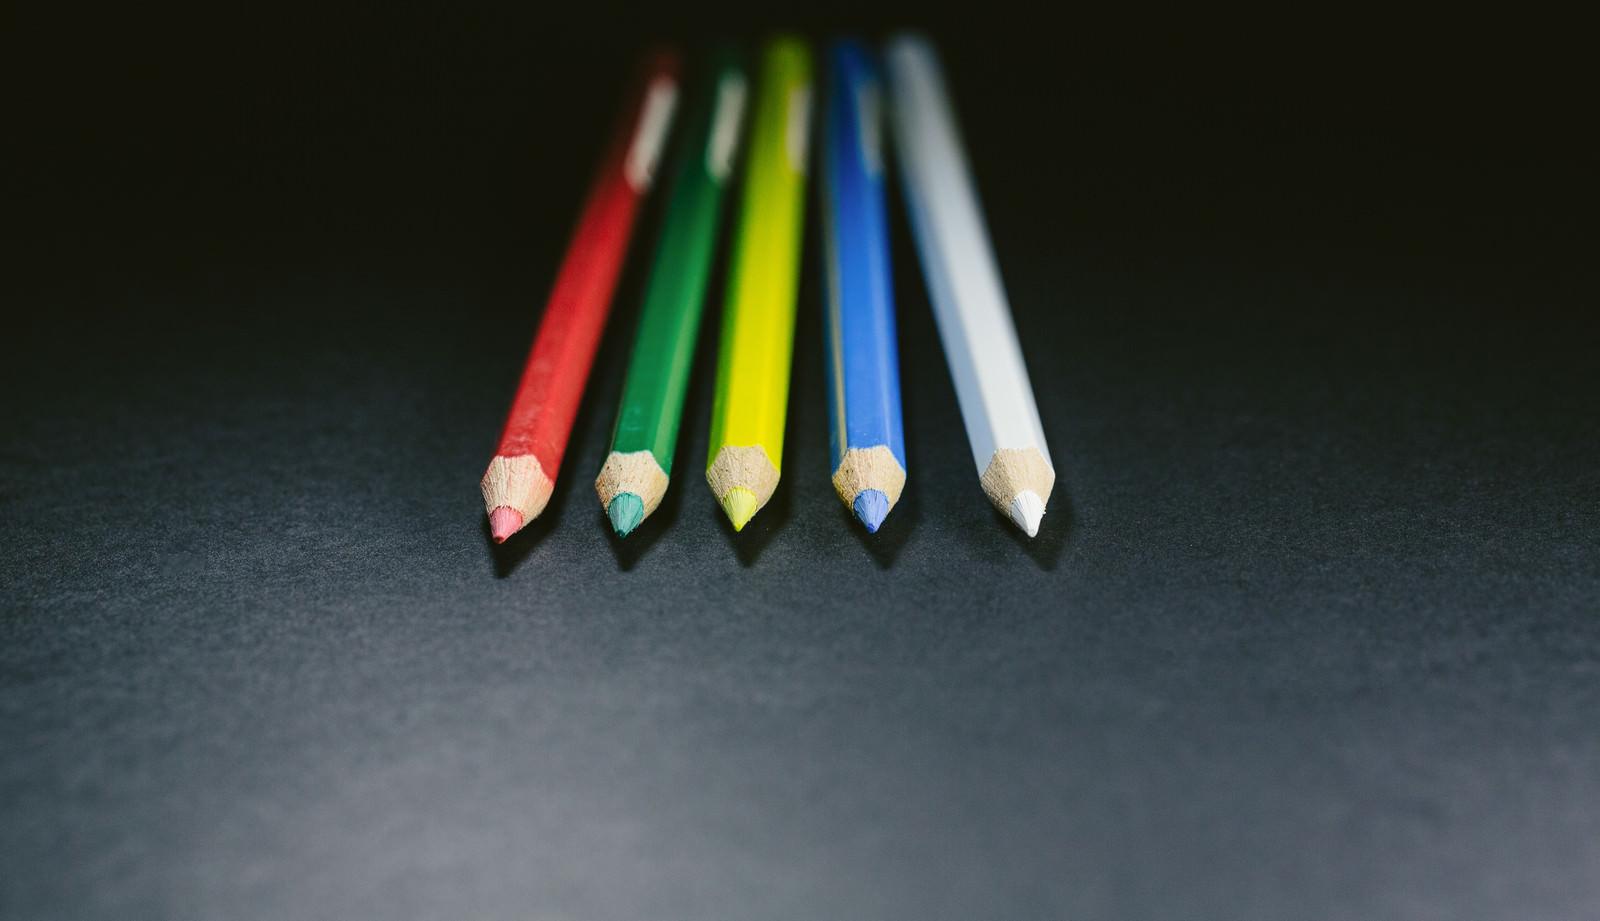 「方向性の違いで、それぞれ別の道を歩みはじめる色鉛筆(5本)」の写真